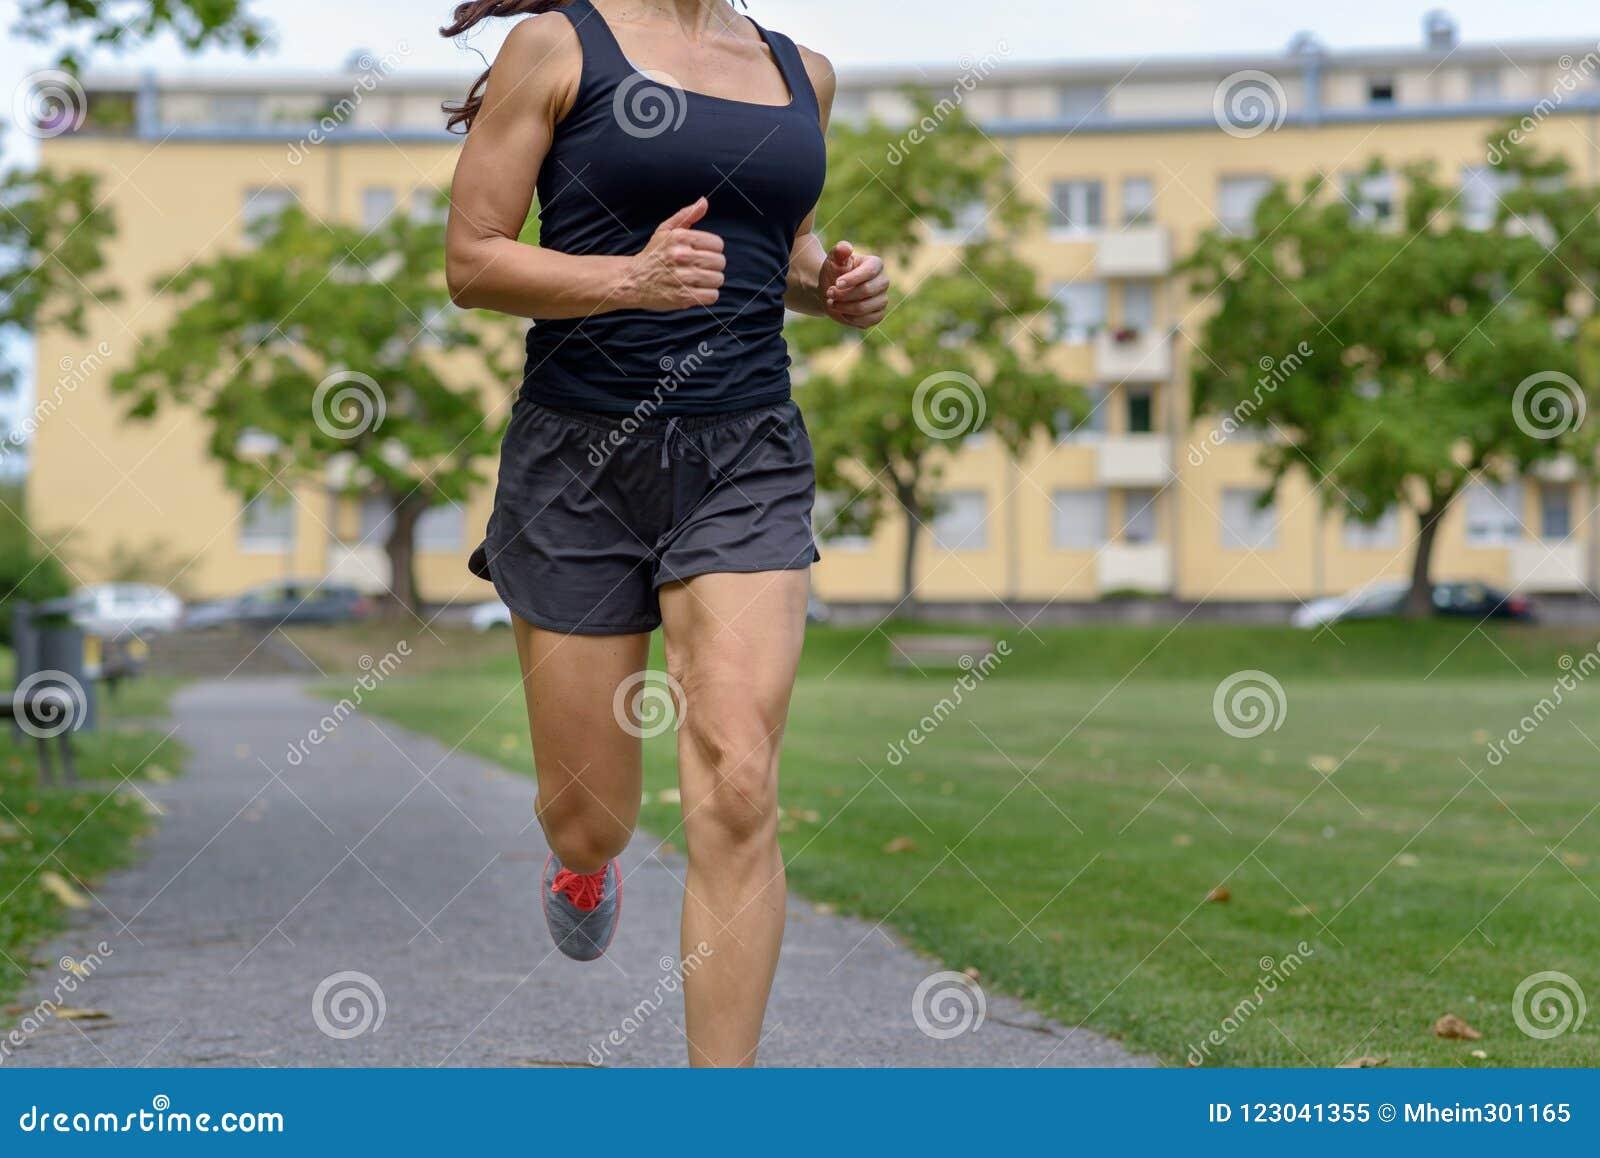 Tragendes Trägershirt und kurze Hosen der nicht identifizierten Frau